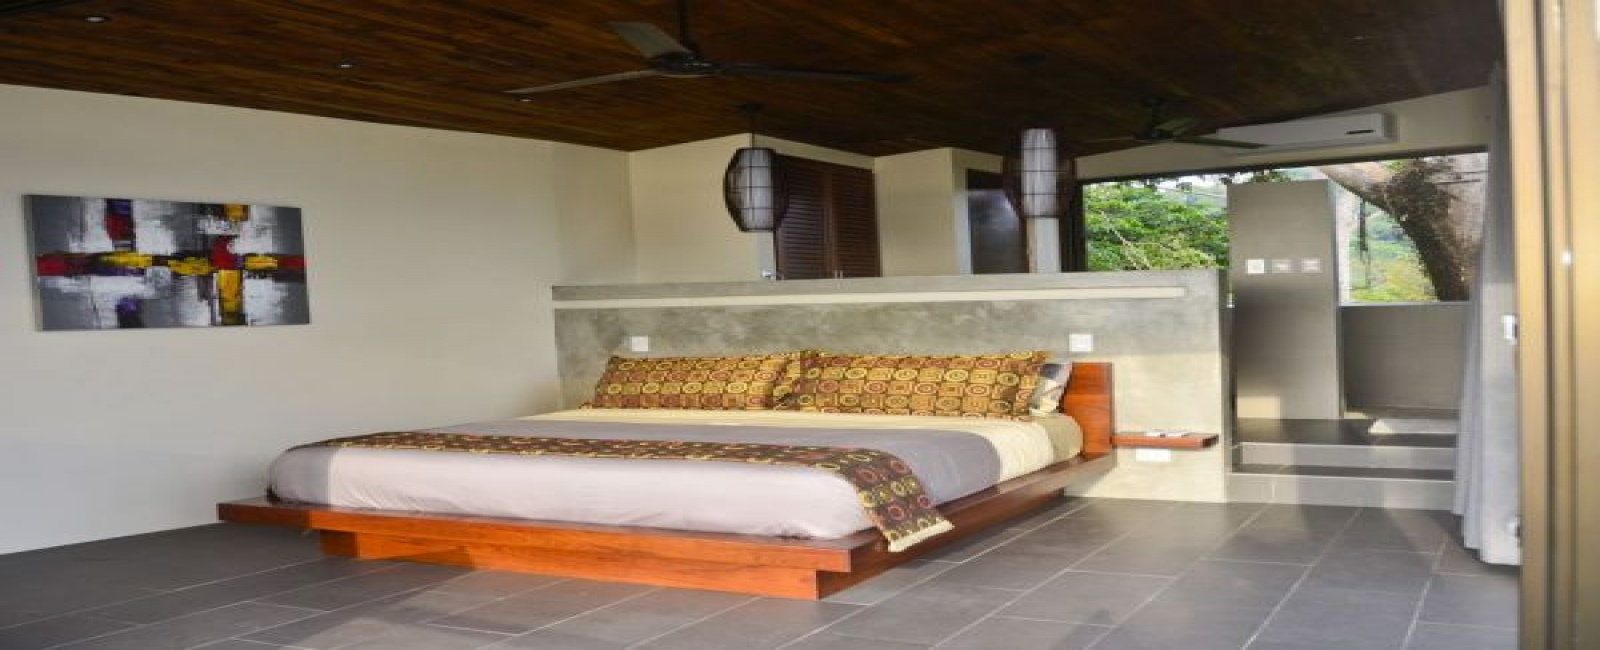 3 Bedrooms Bedrooms, ,3 BathroomsBathrooms,Villa,For Sale,1007